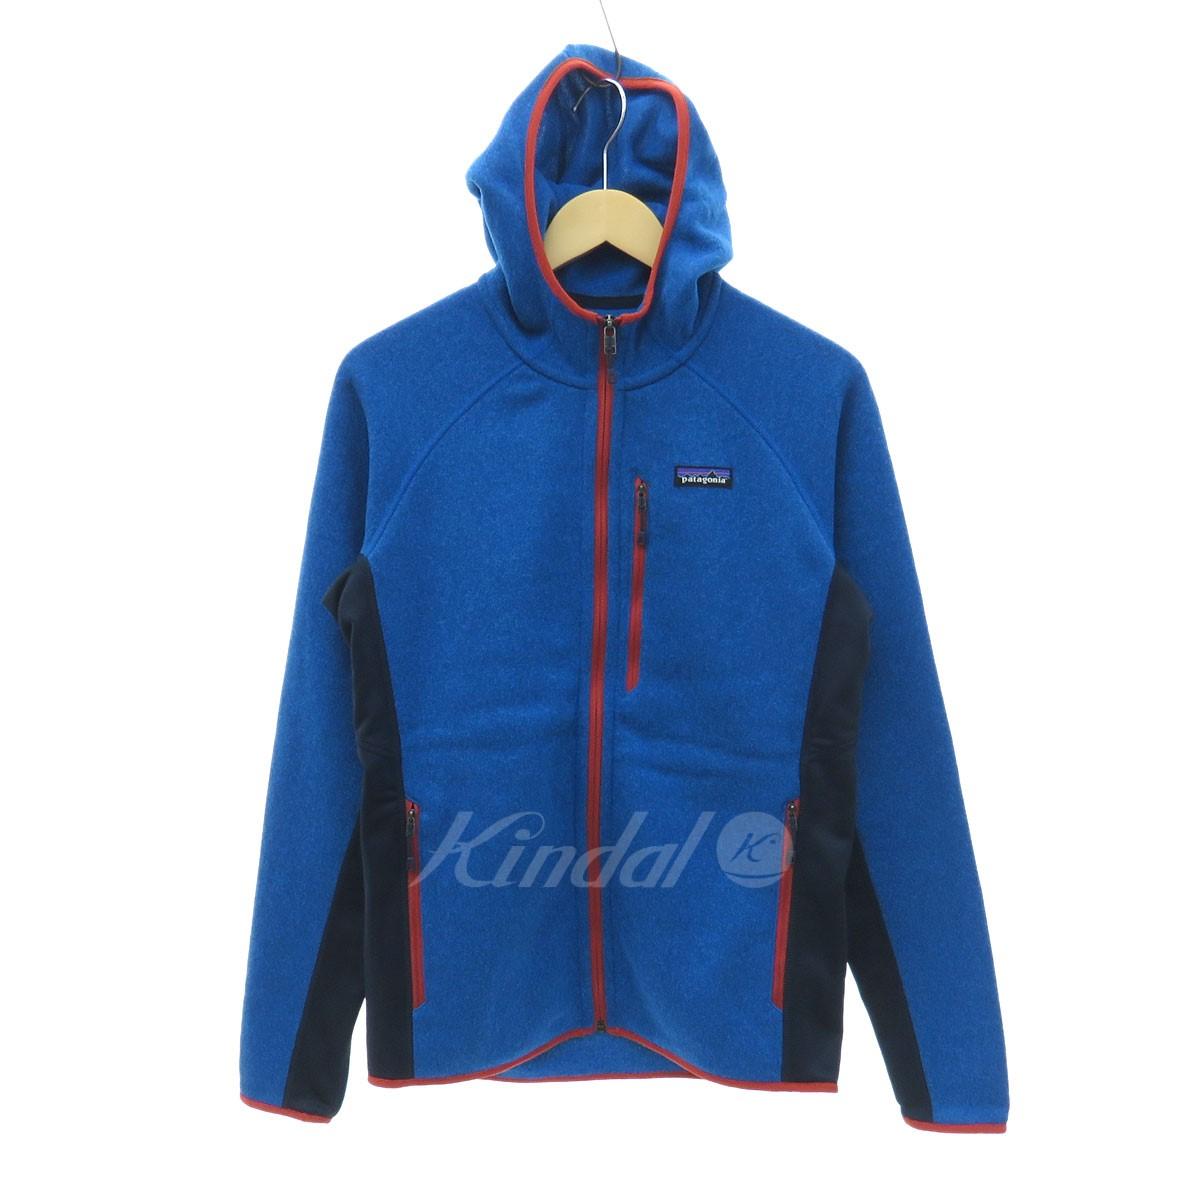 【中古】patagonia Performance Better Sweater Hoody ジップアップパーカー ブルー サイズ:S 【送料無料】 【031118】(パタゴニア)